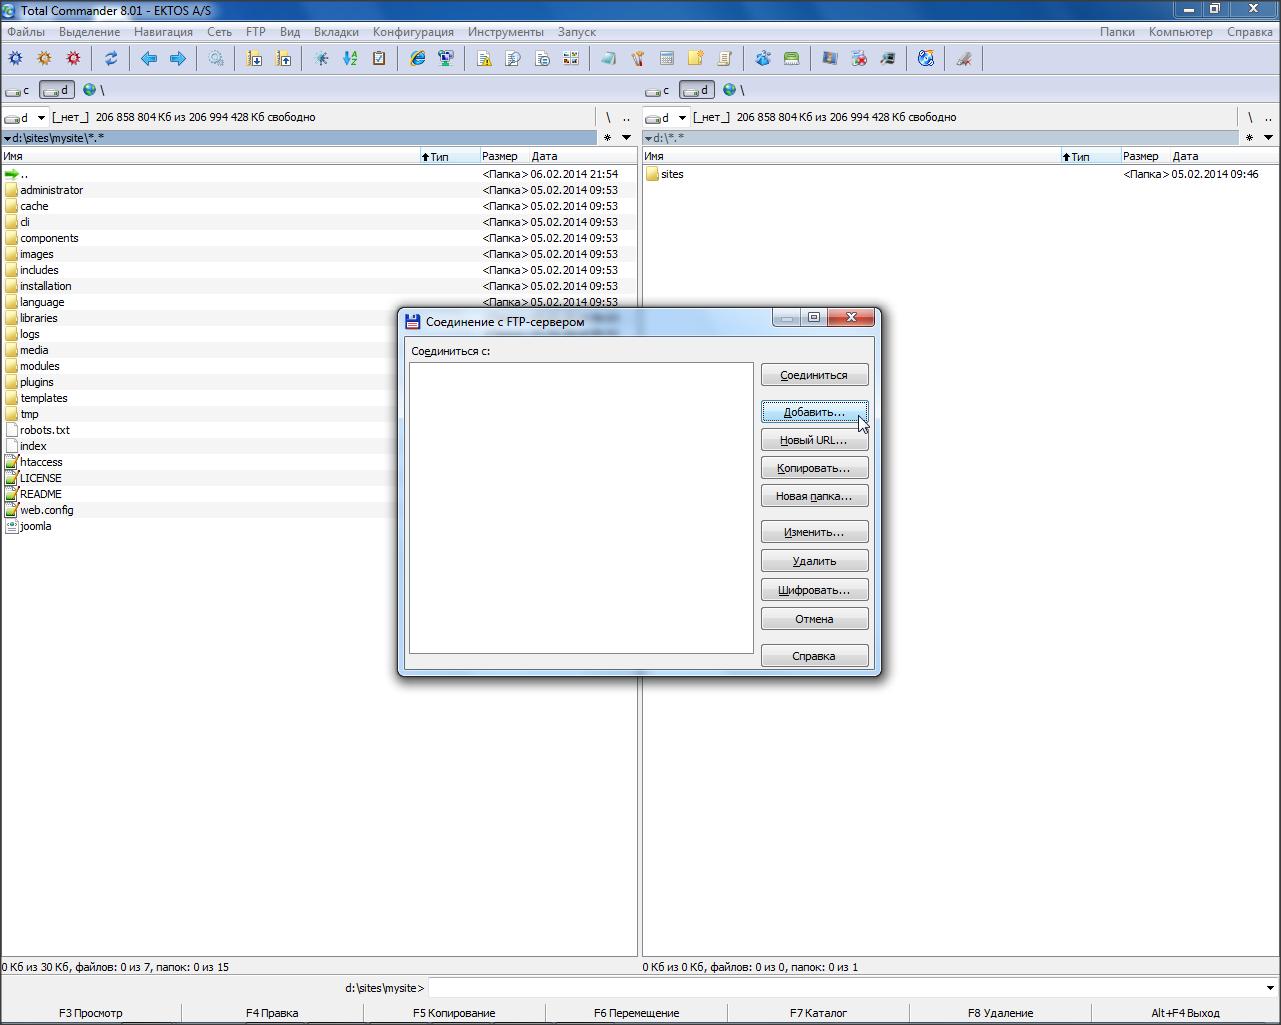 Как настроить программу Тотал Коммандер под себя Библиотека вебмастера 12